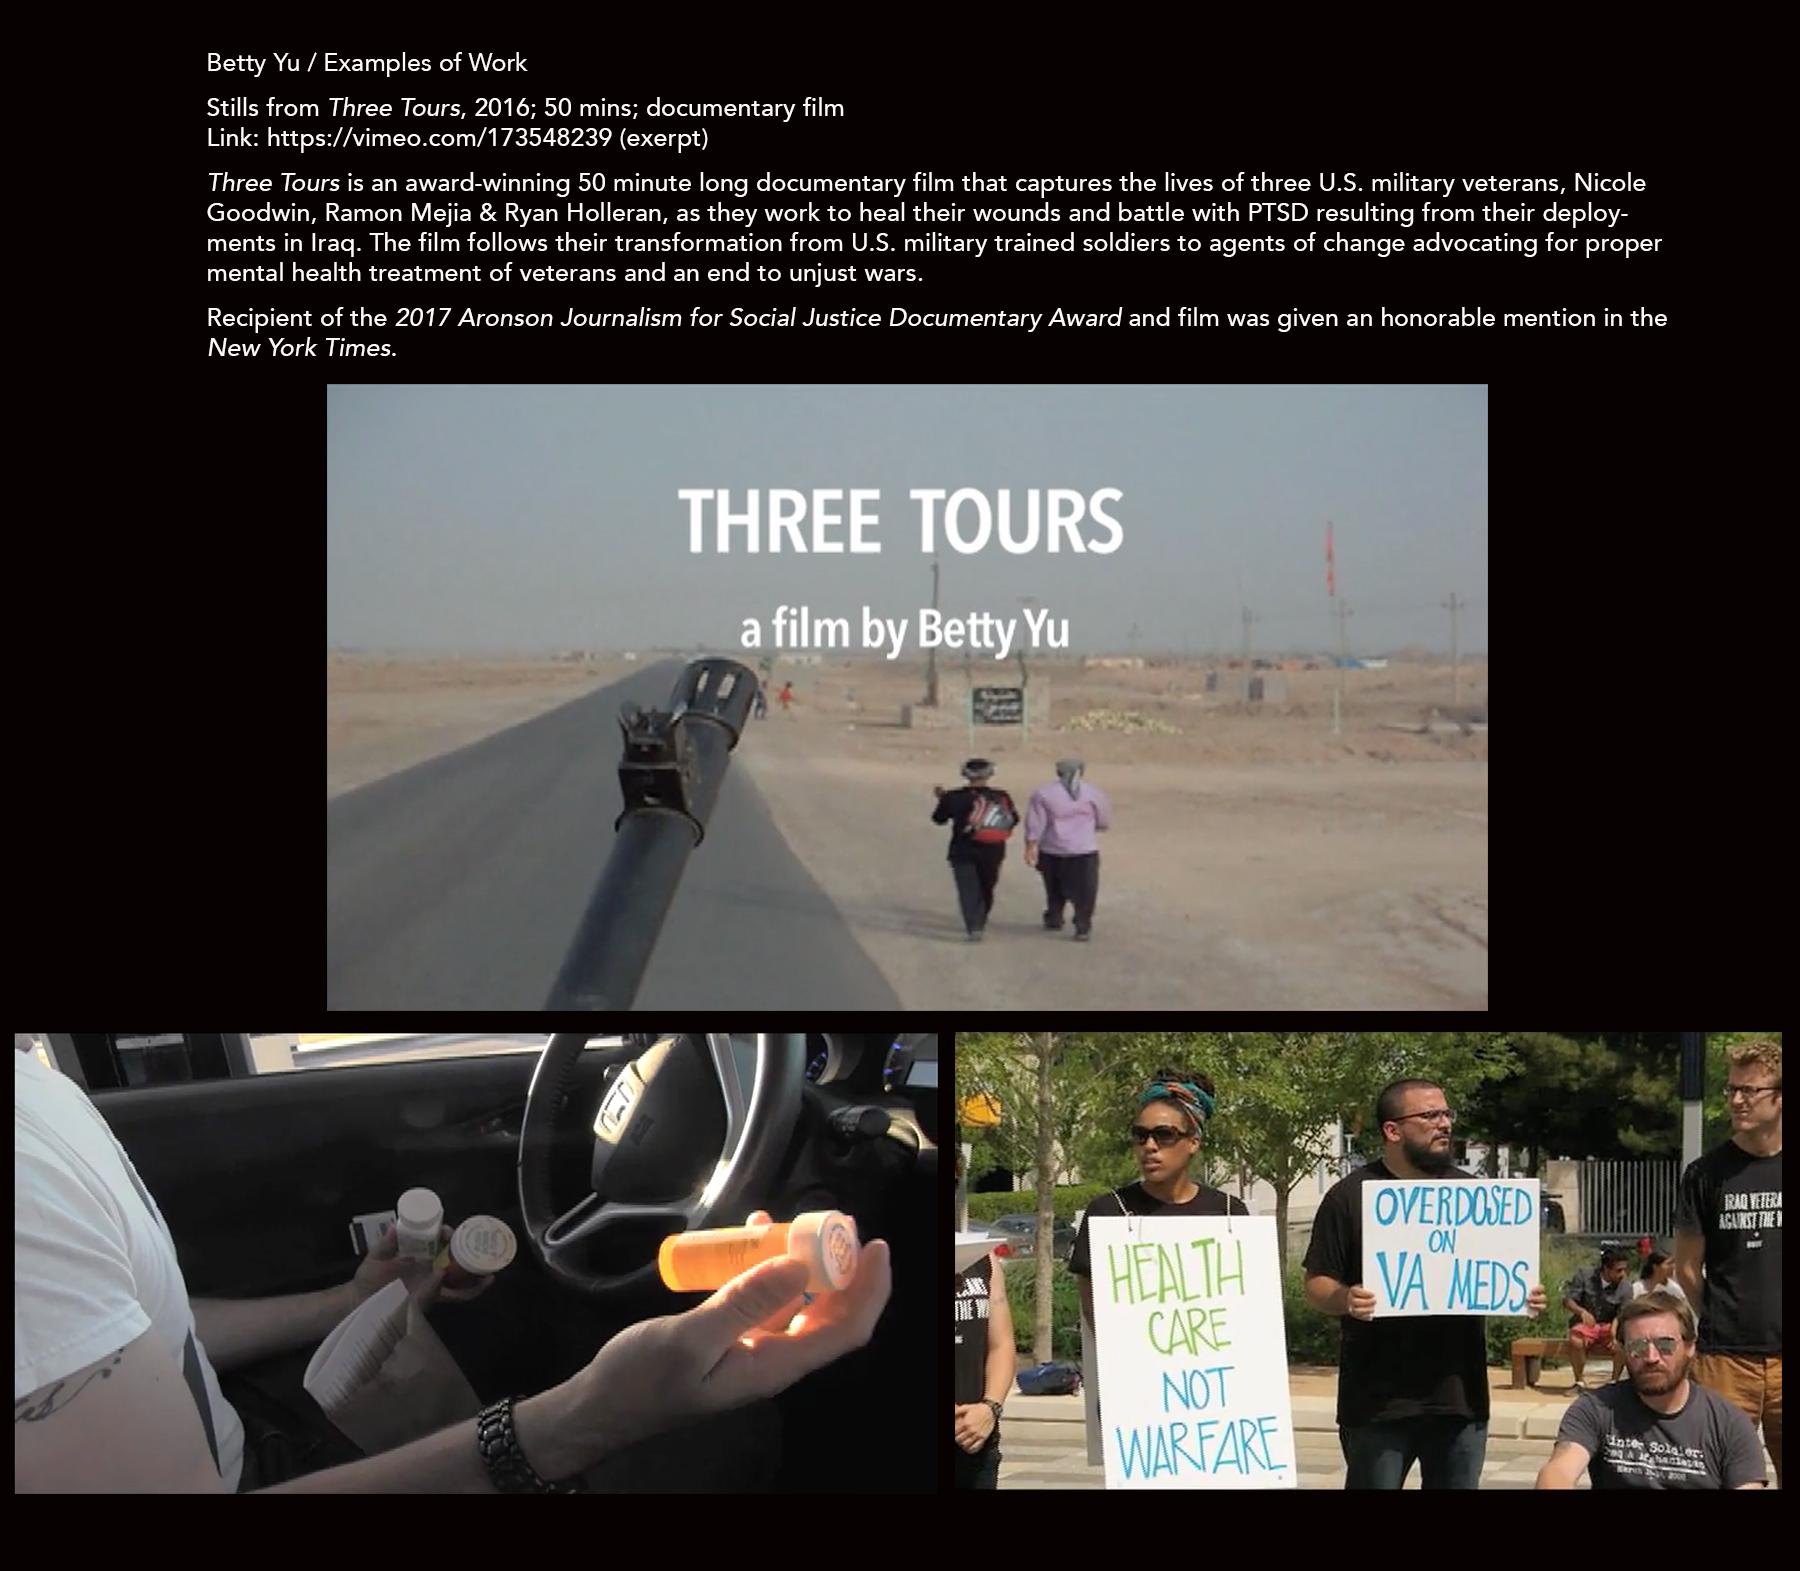 Three Tours_FIlm_Betty Yu.jpg